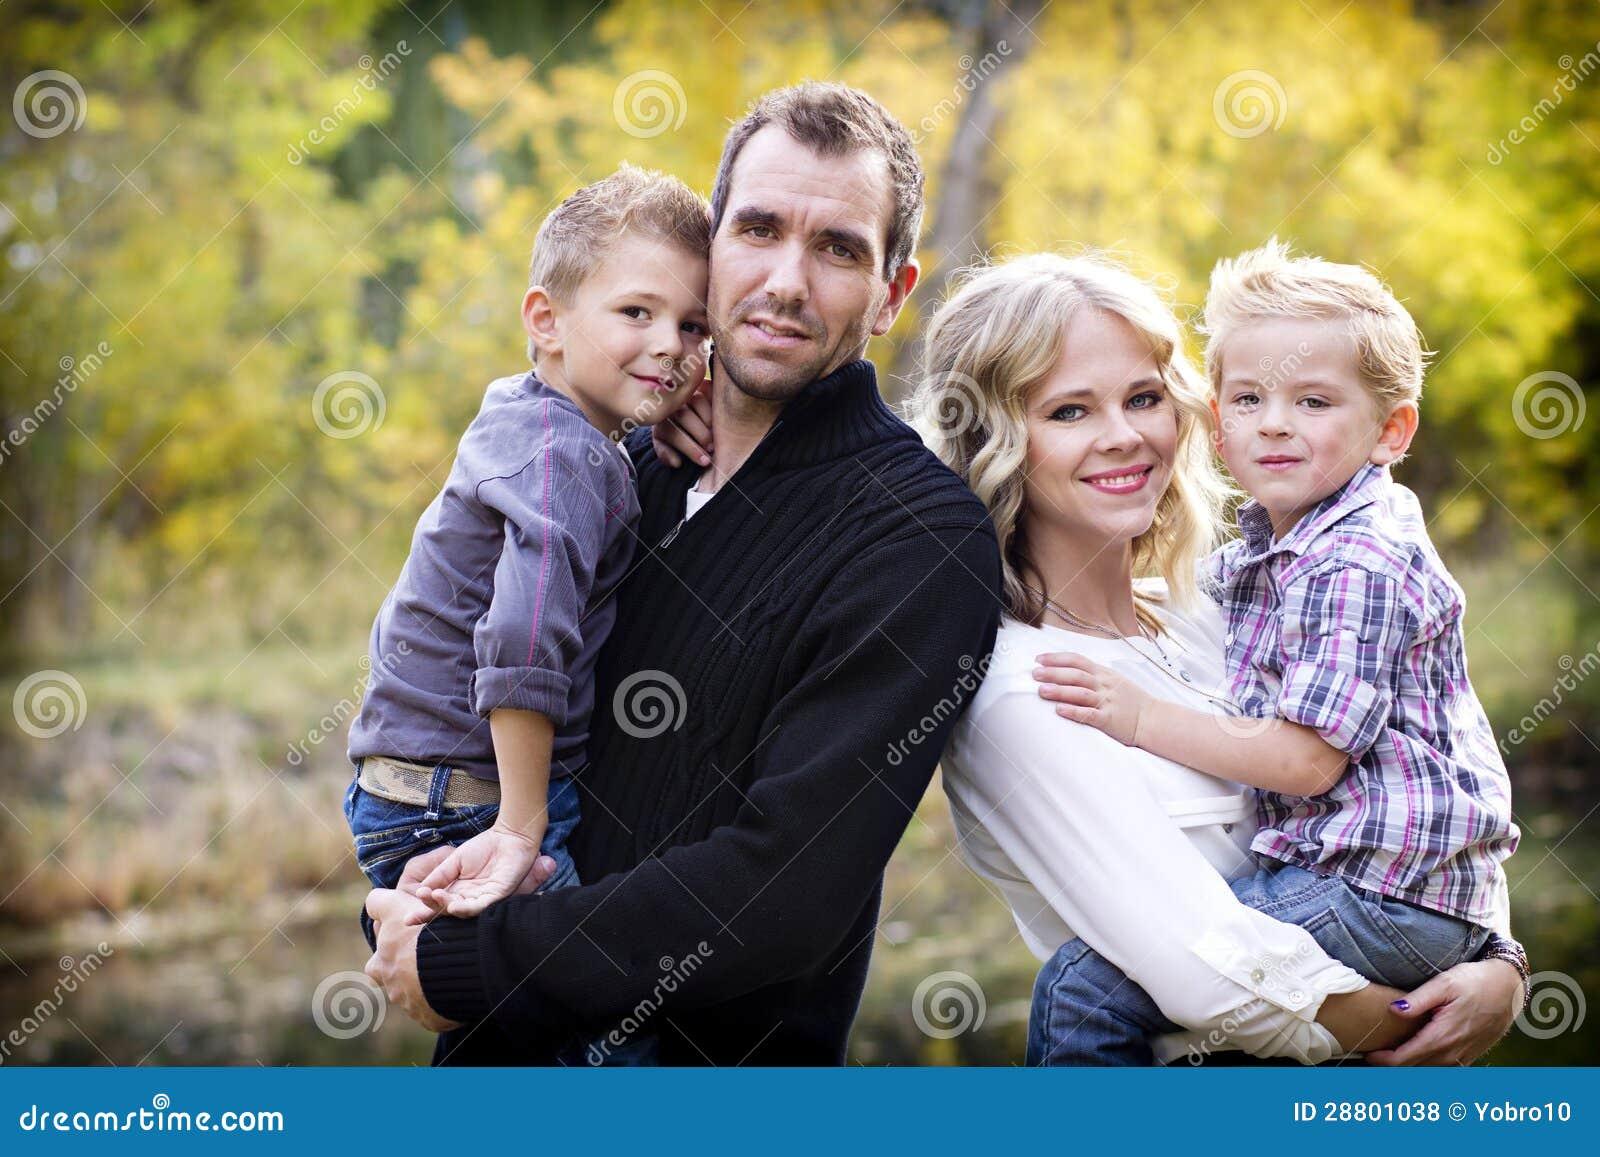 Schönes junges Familien-Porträt mit Fallfarben